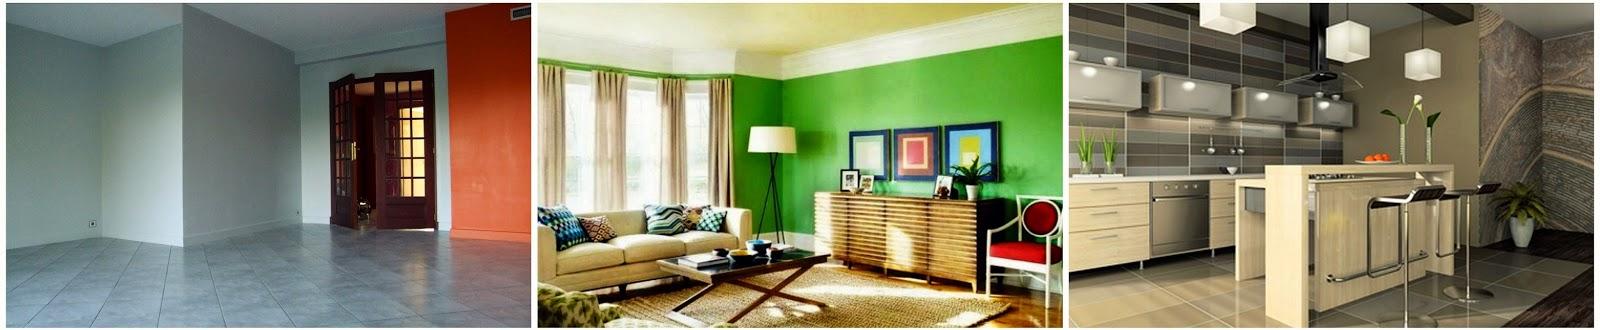 renovation travaux artisan peintre immobilier entreprise de peinture paris. Black Bedroom Furniture Sets. Home Design Ideas